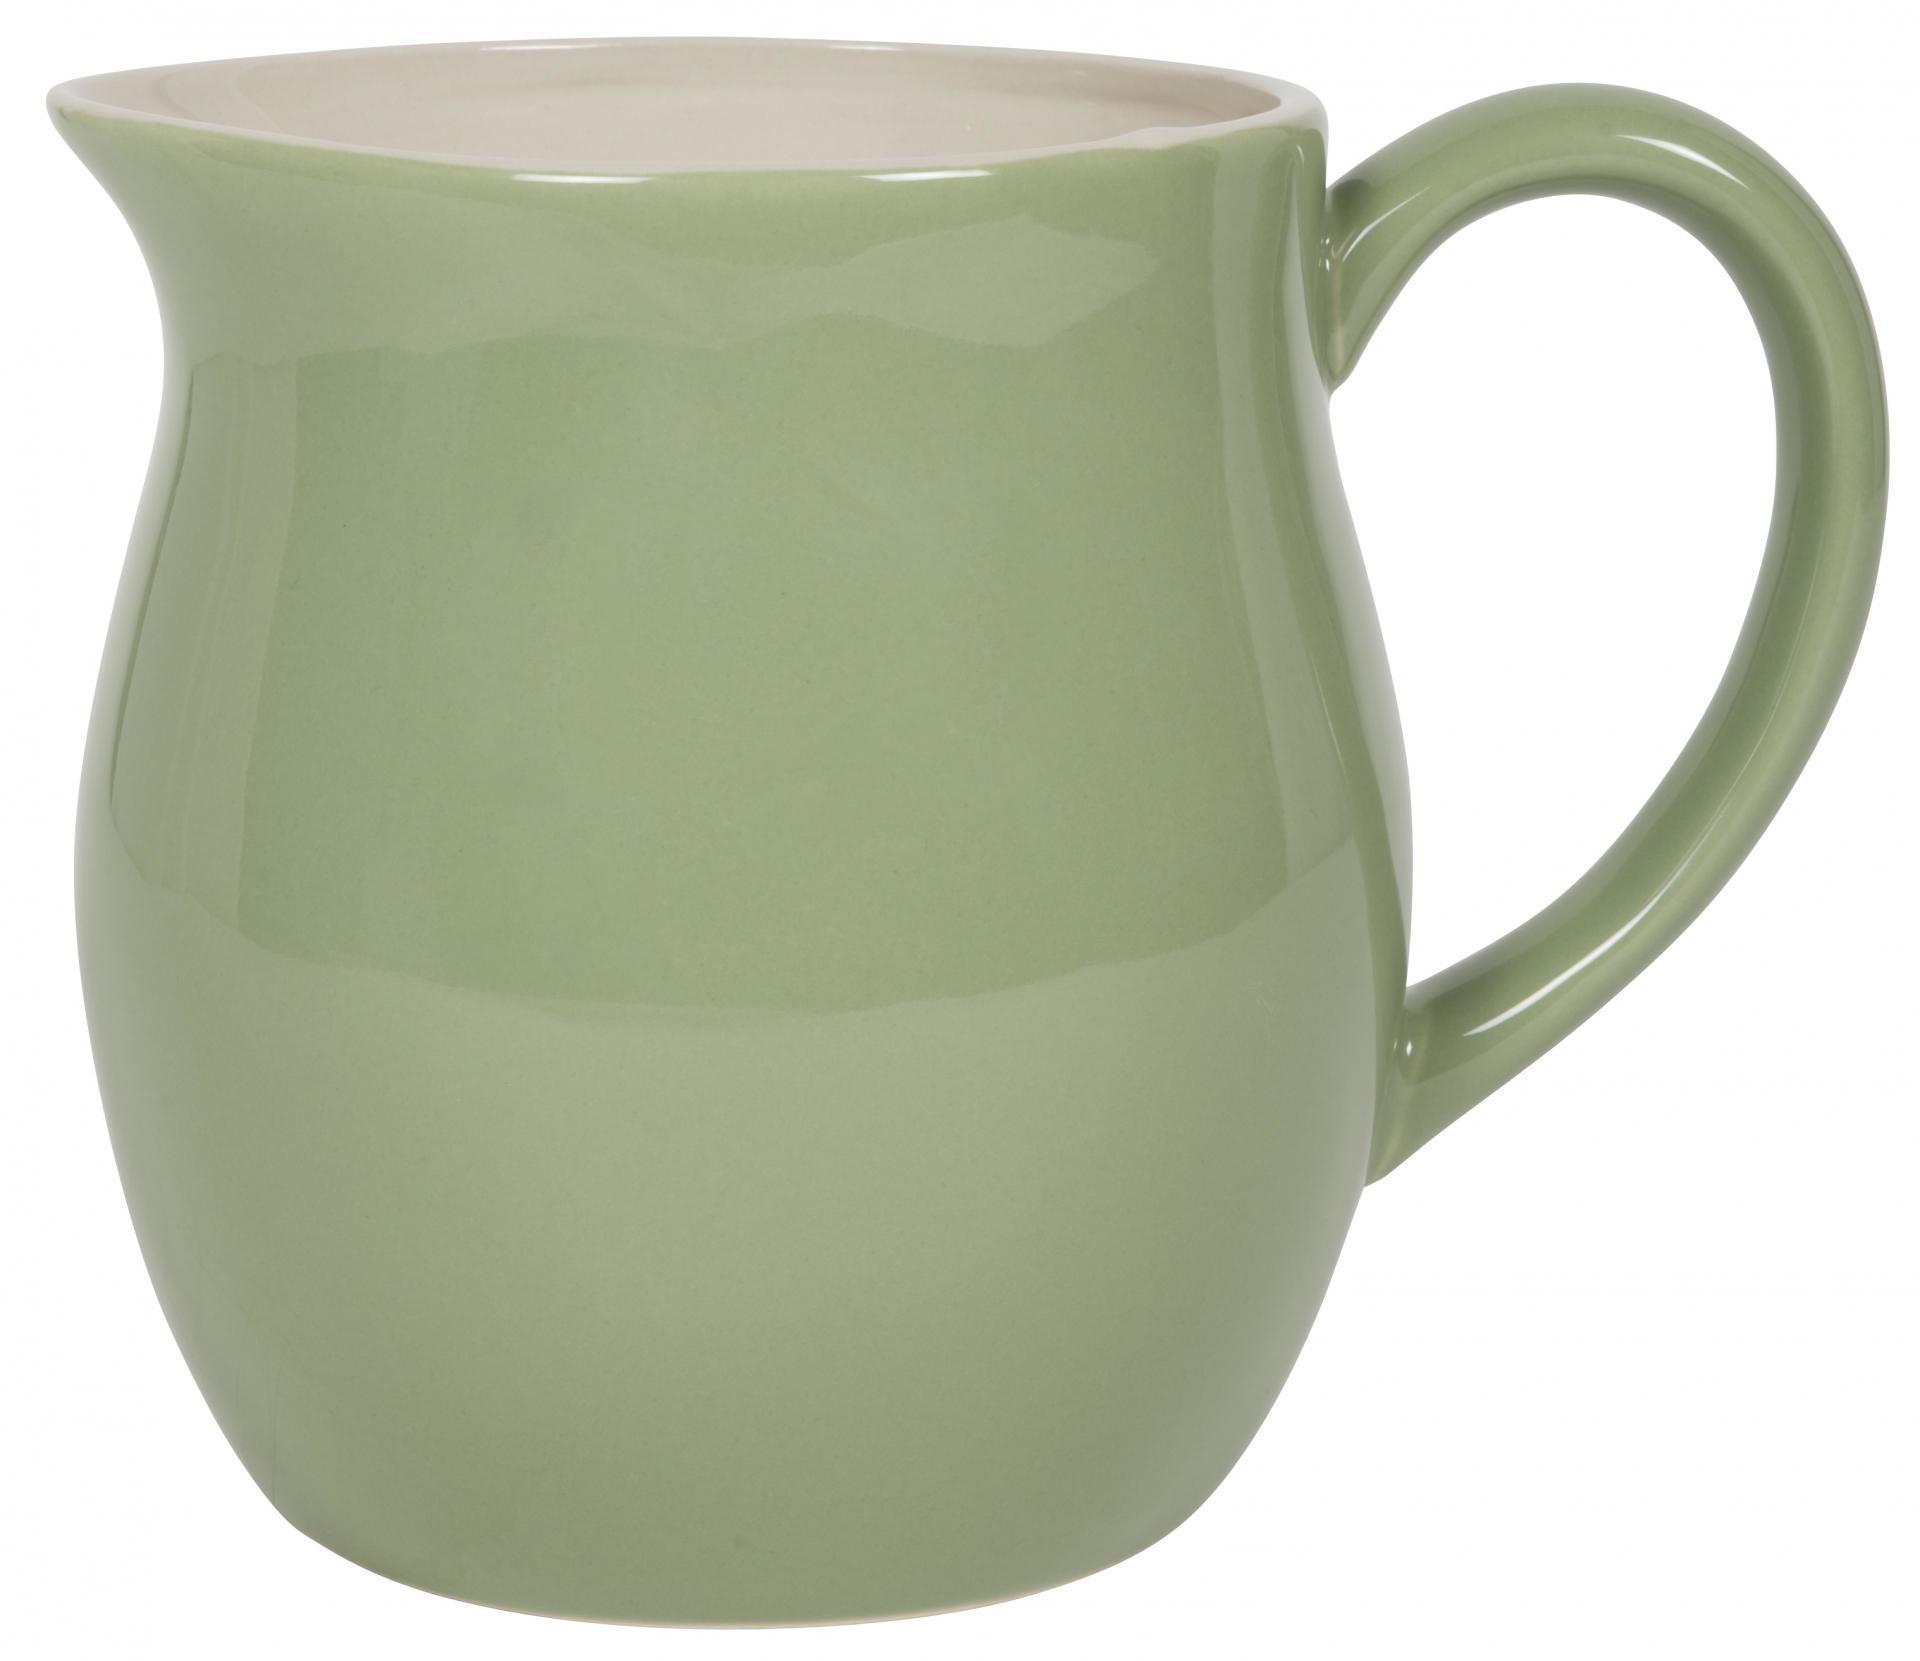 IB LAURSEN Džbán Mynte Meadow green 2,5 l, zelená barva, keramika